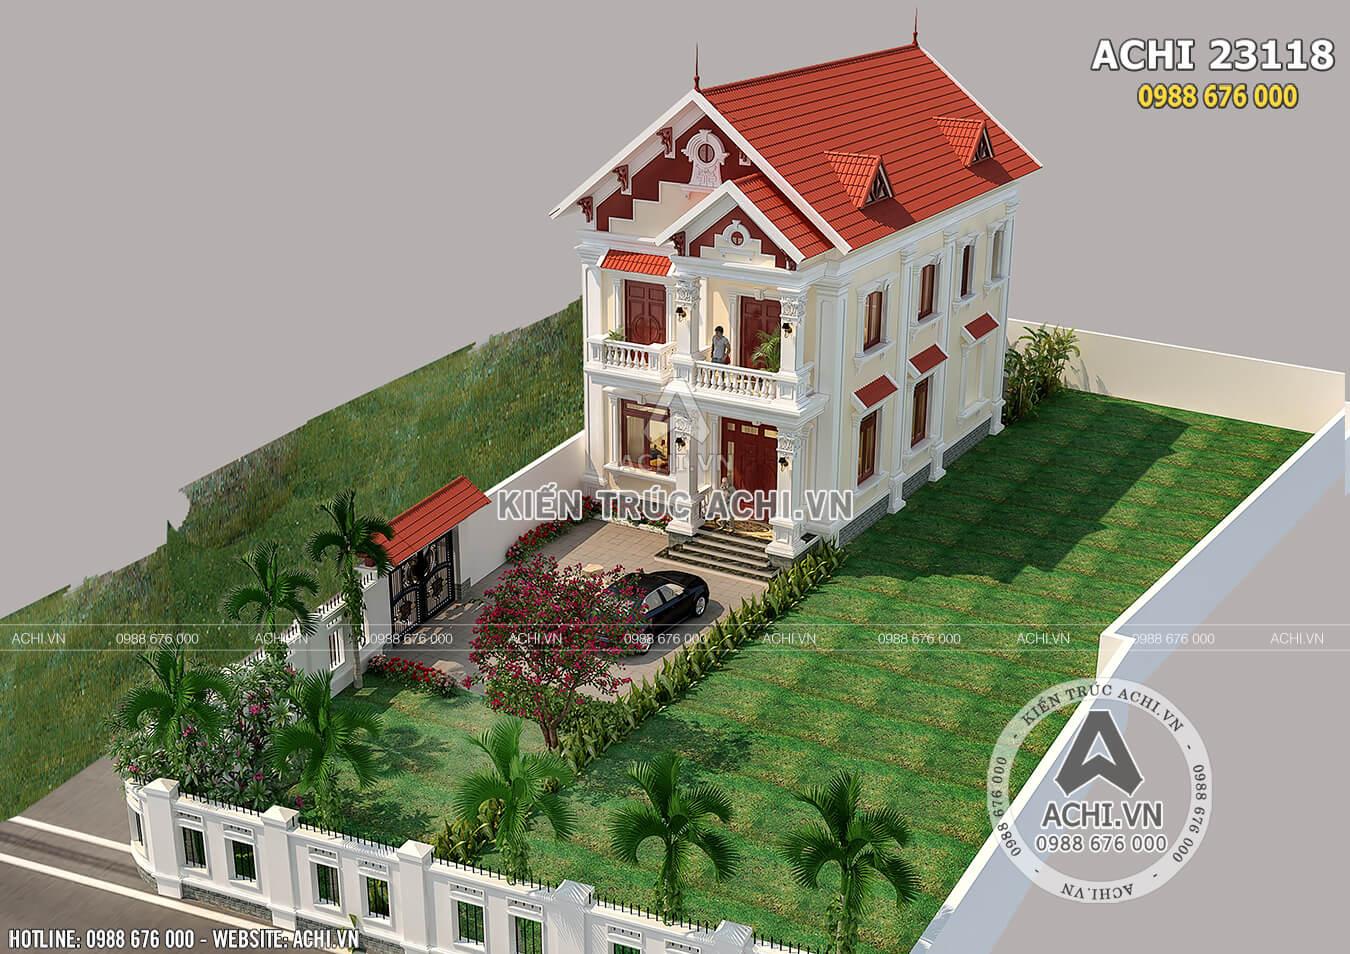 Hình ảnh: Mẫu nhà 2 tầng mái thái mặt tiền 8m nhìn từ trên cao– ACHI 23118